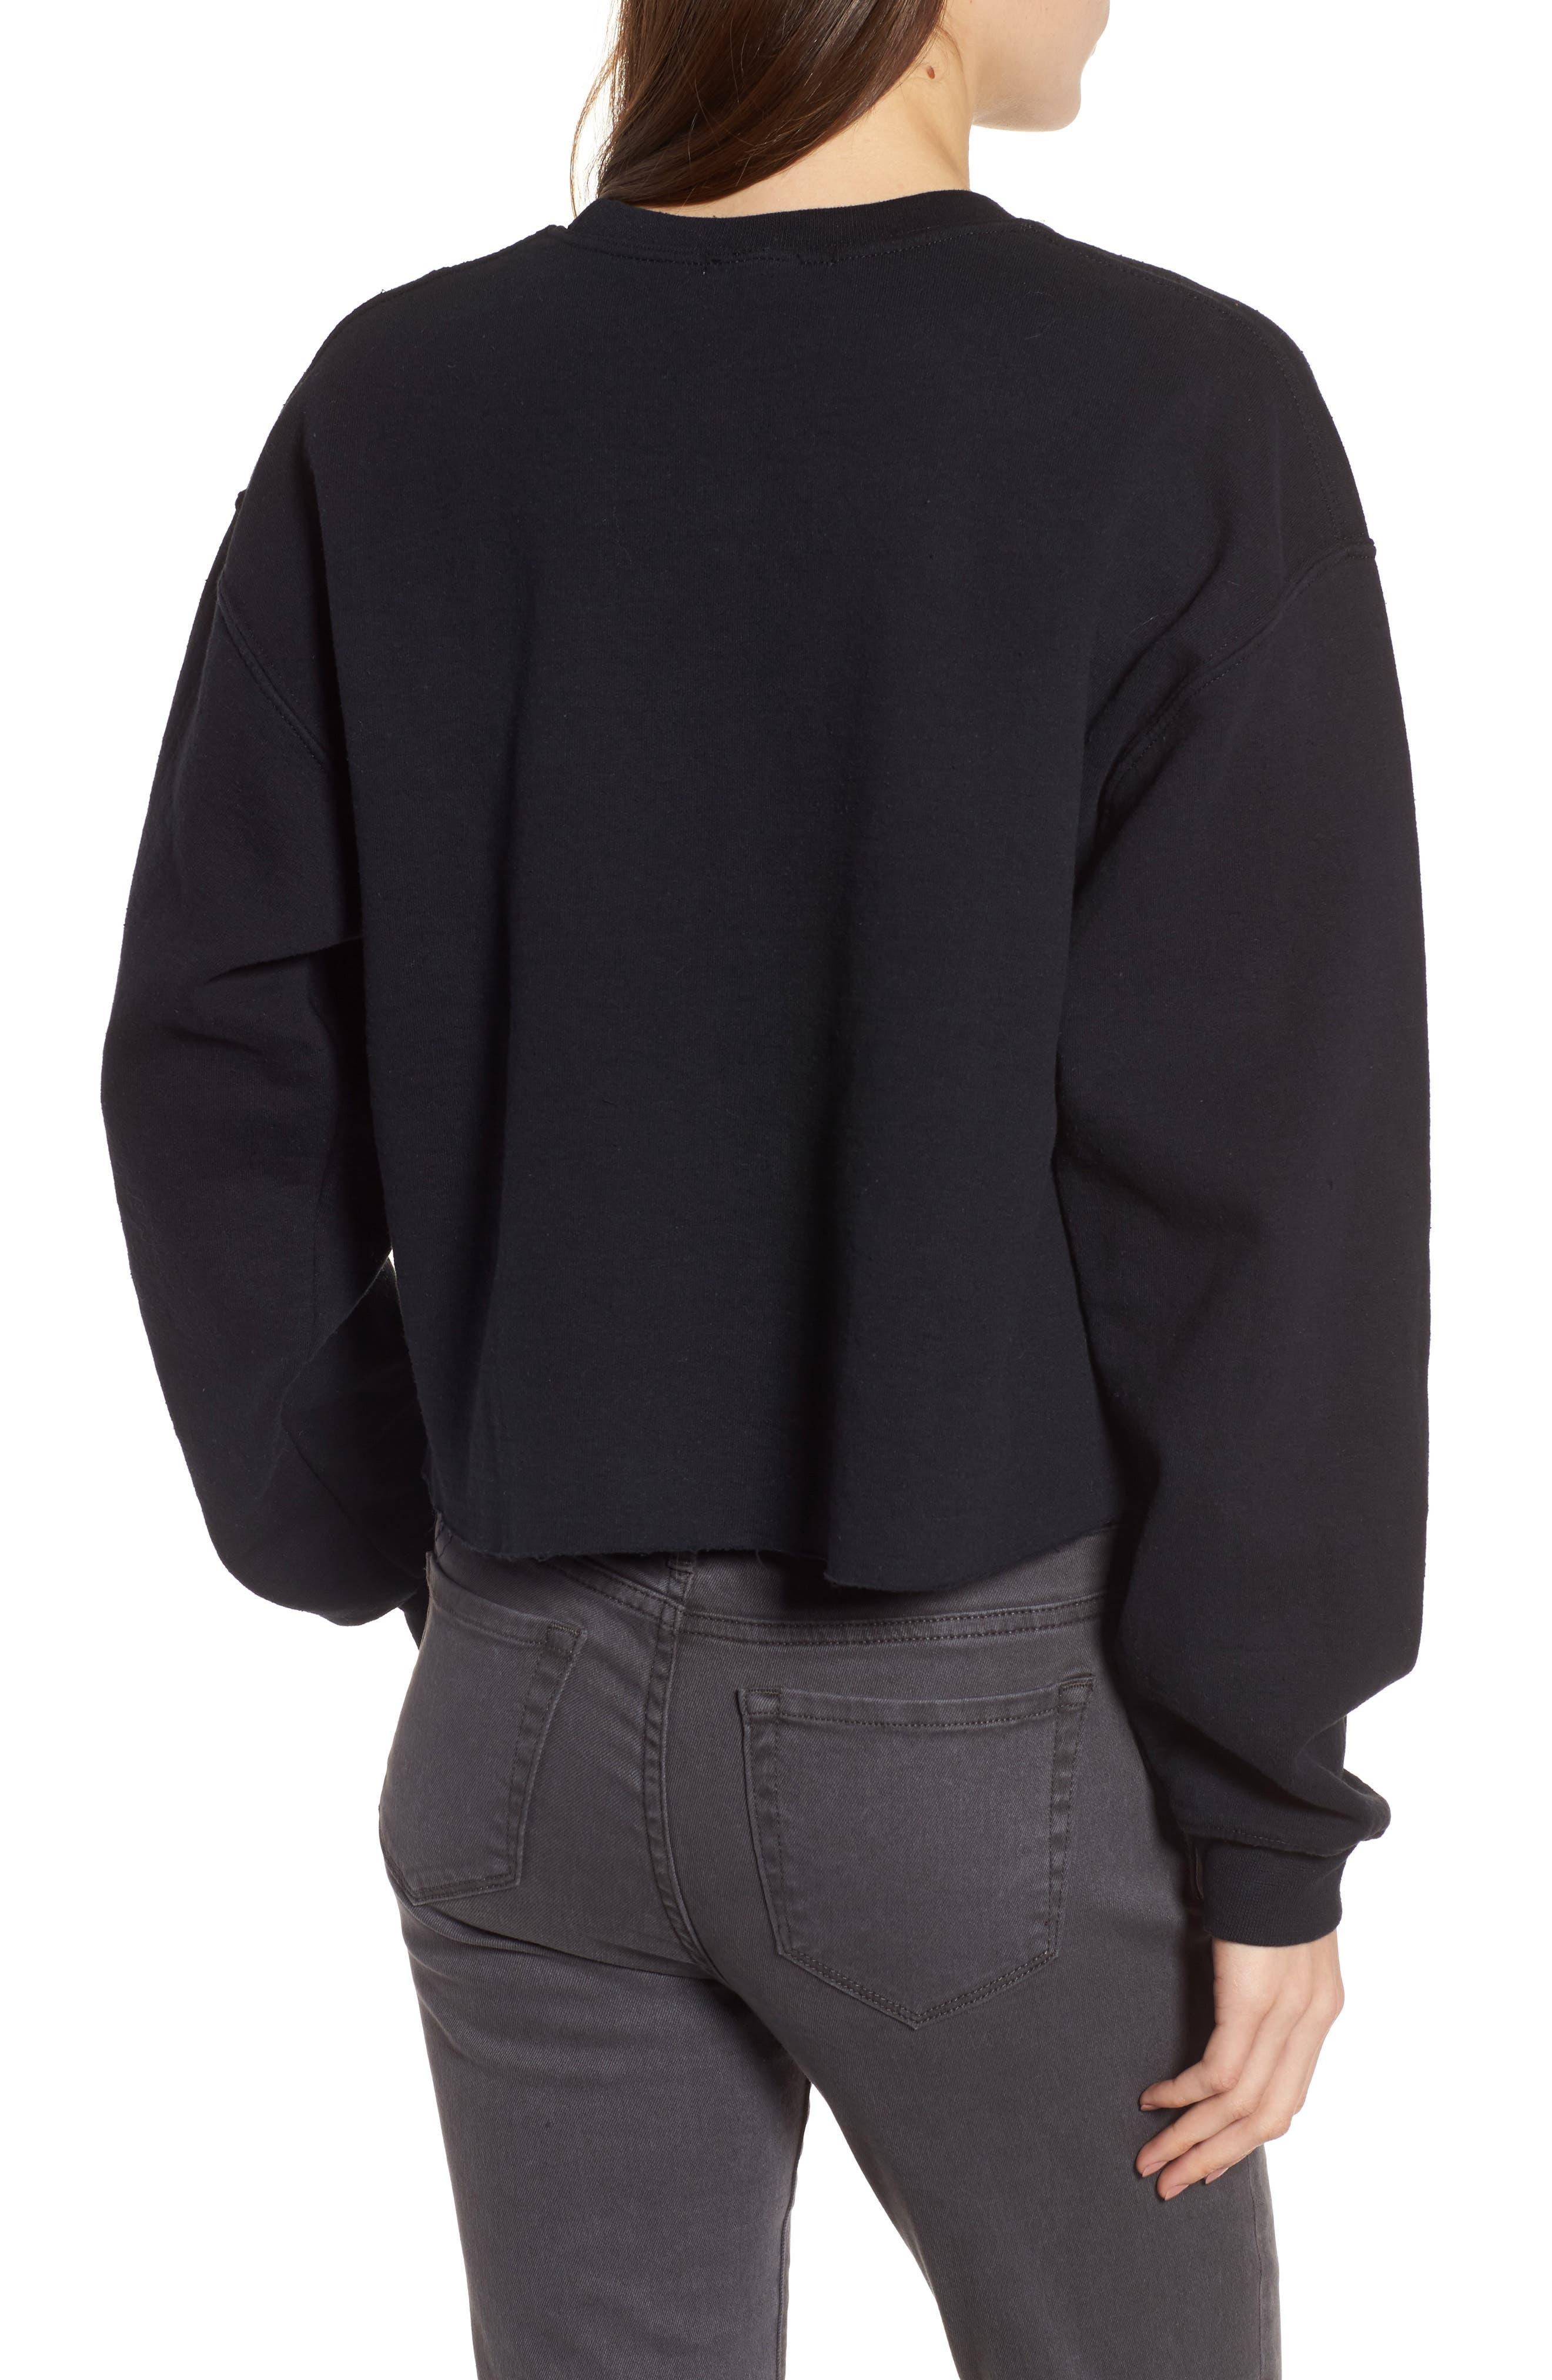 Mistletoe Sweatshirt,                             Alternate thumbnail 2, color,                             Black